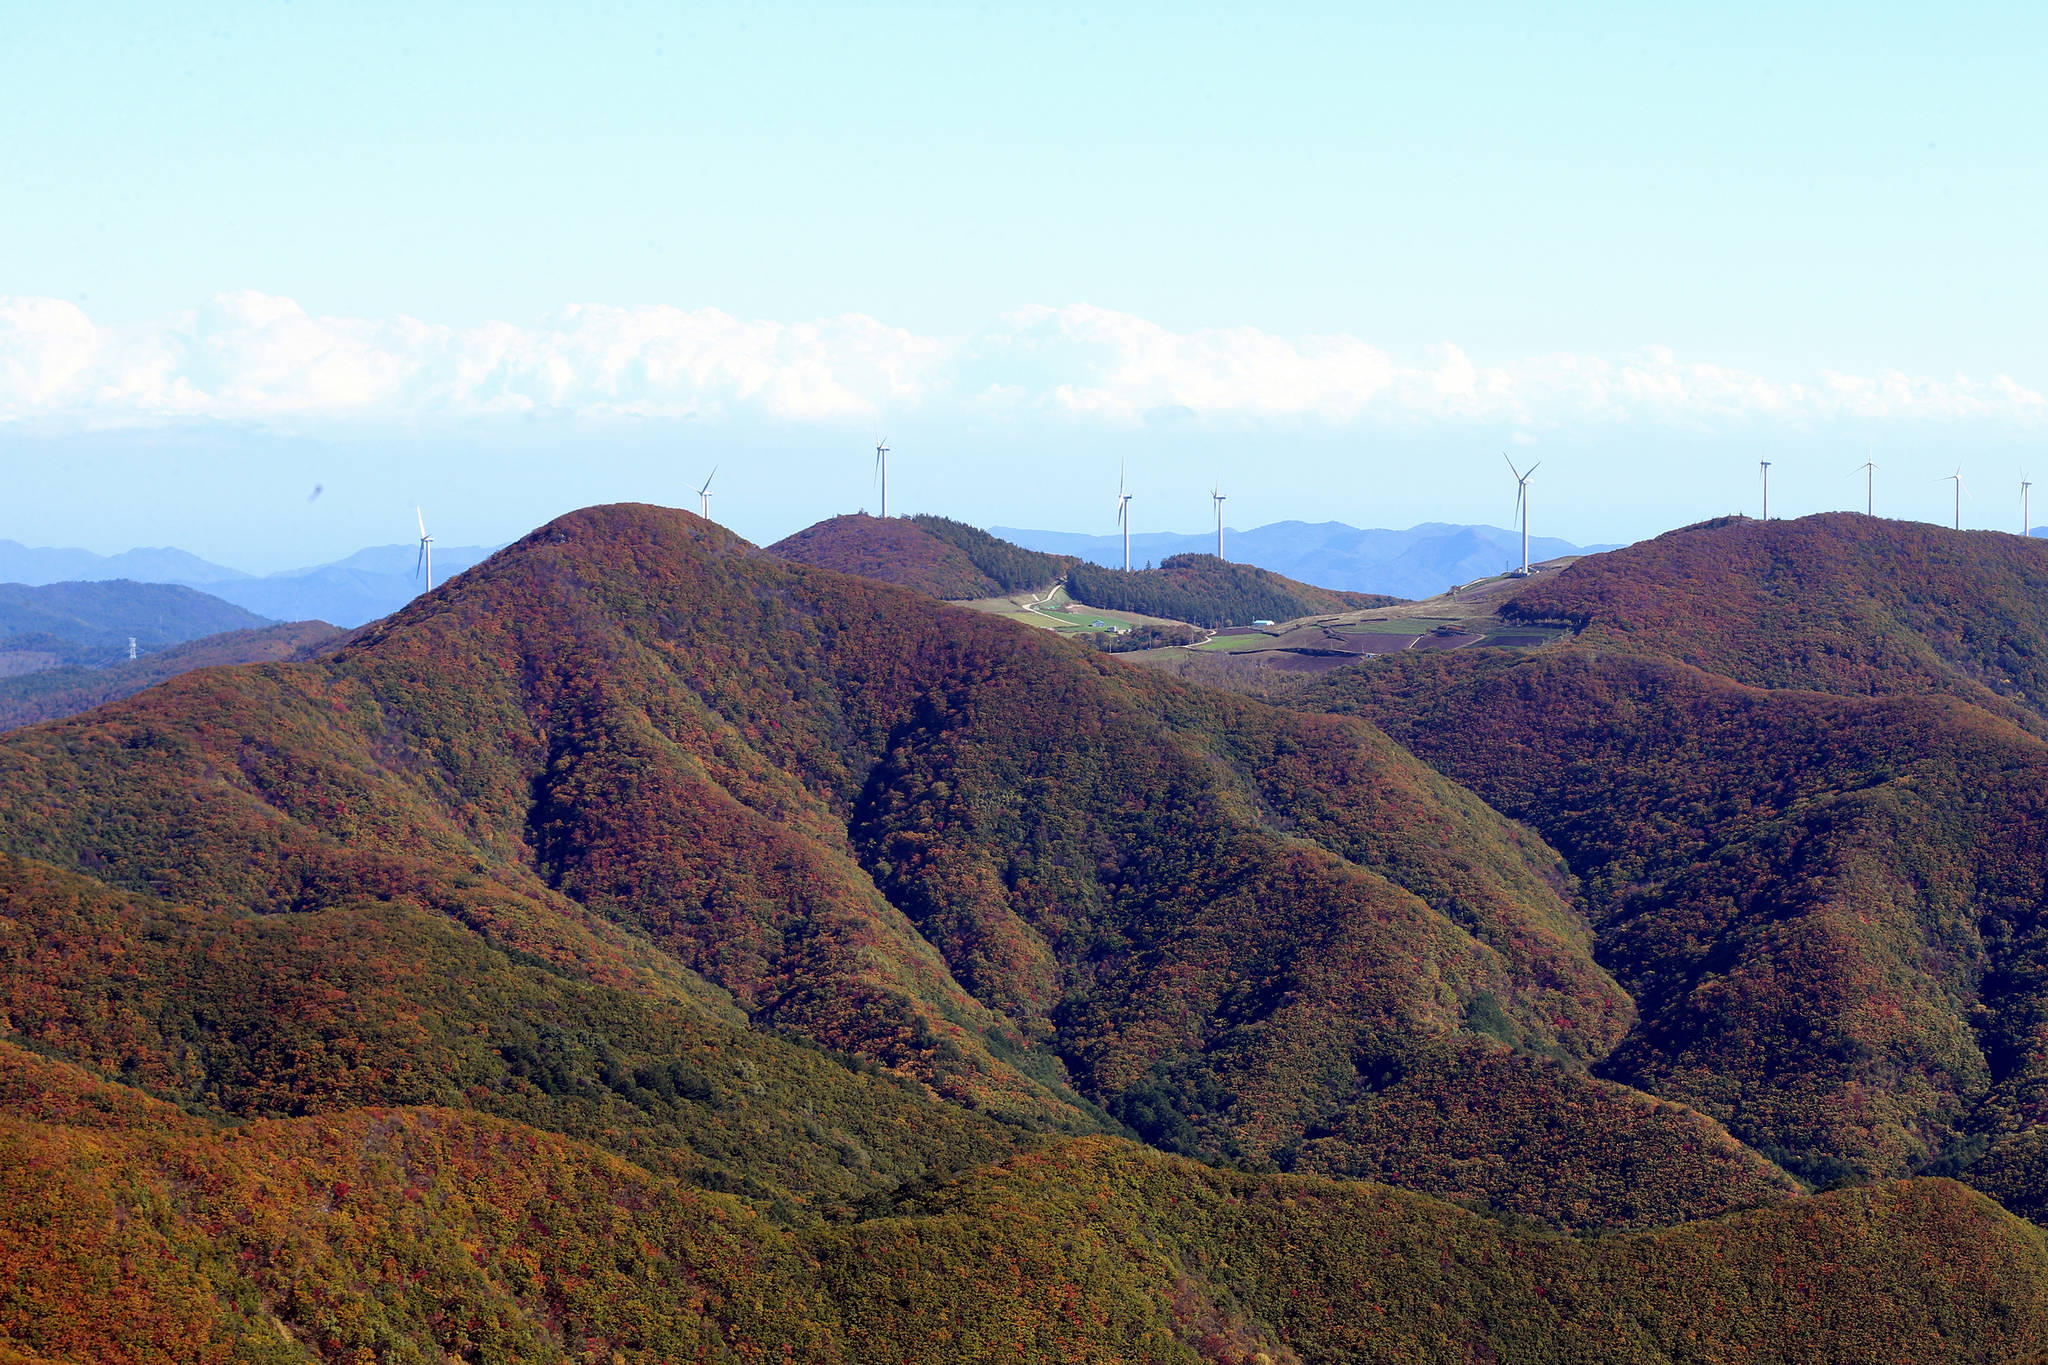 지난해 10월 해발 1천442m 강원 태백시 함백산 은대봉에서 바라본 백두대간이 단풍으로 물들어 있다. [연합뉴스]